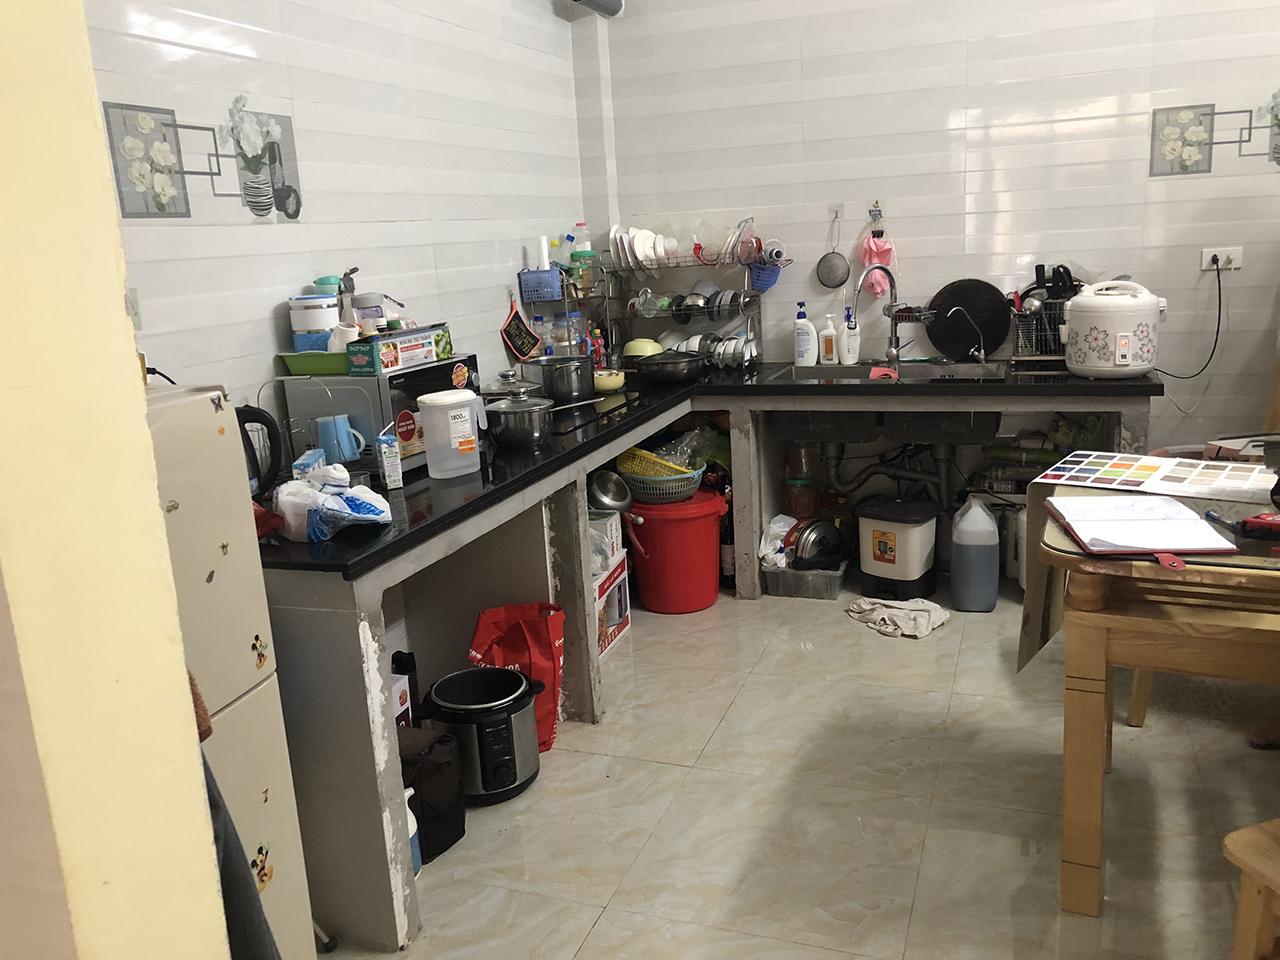 Hiện trạng căn bếp đã xây bệ bê tông của nhà anh Triệu khi thợ ACADO qua khảo sát